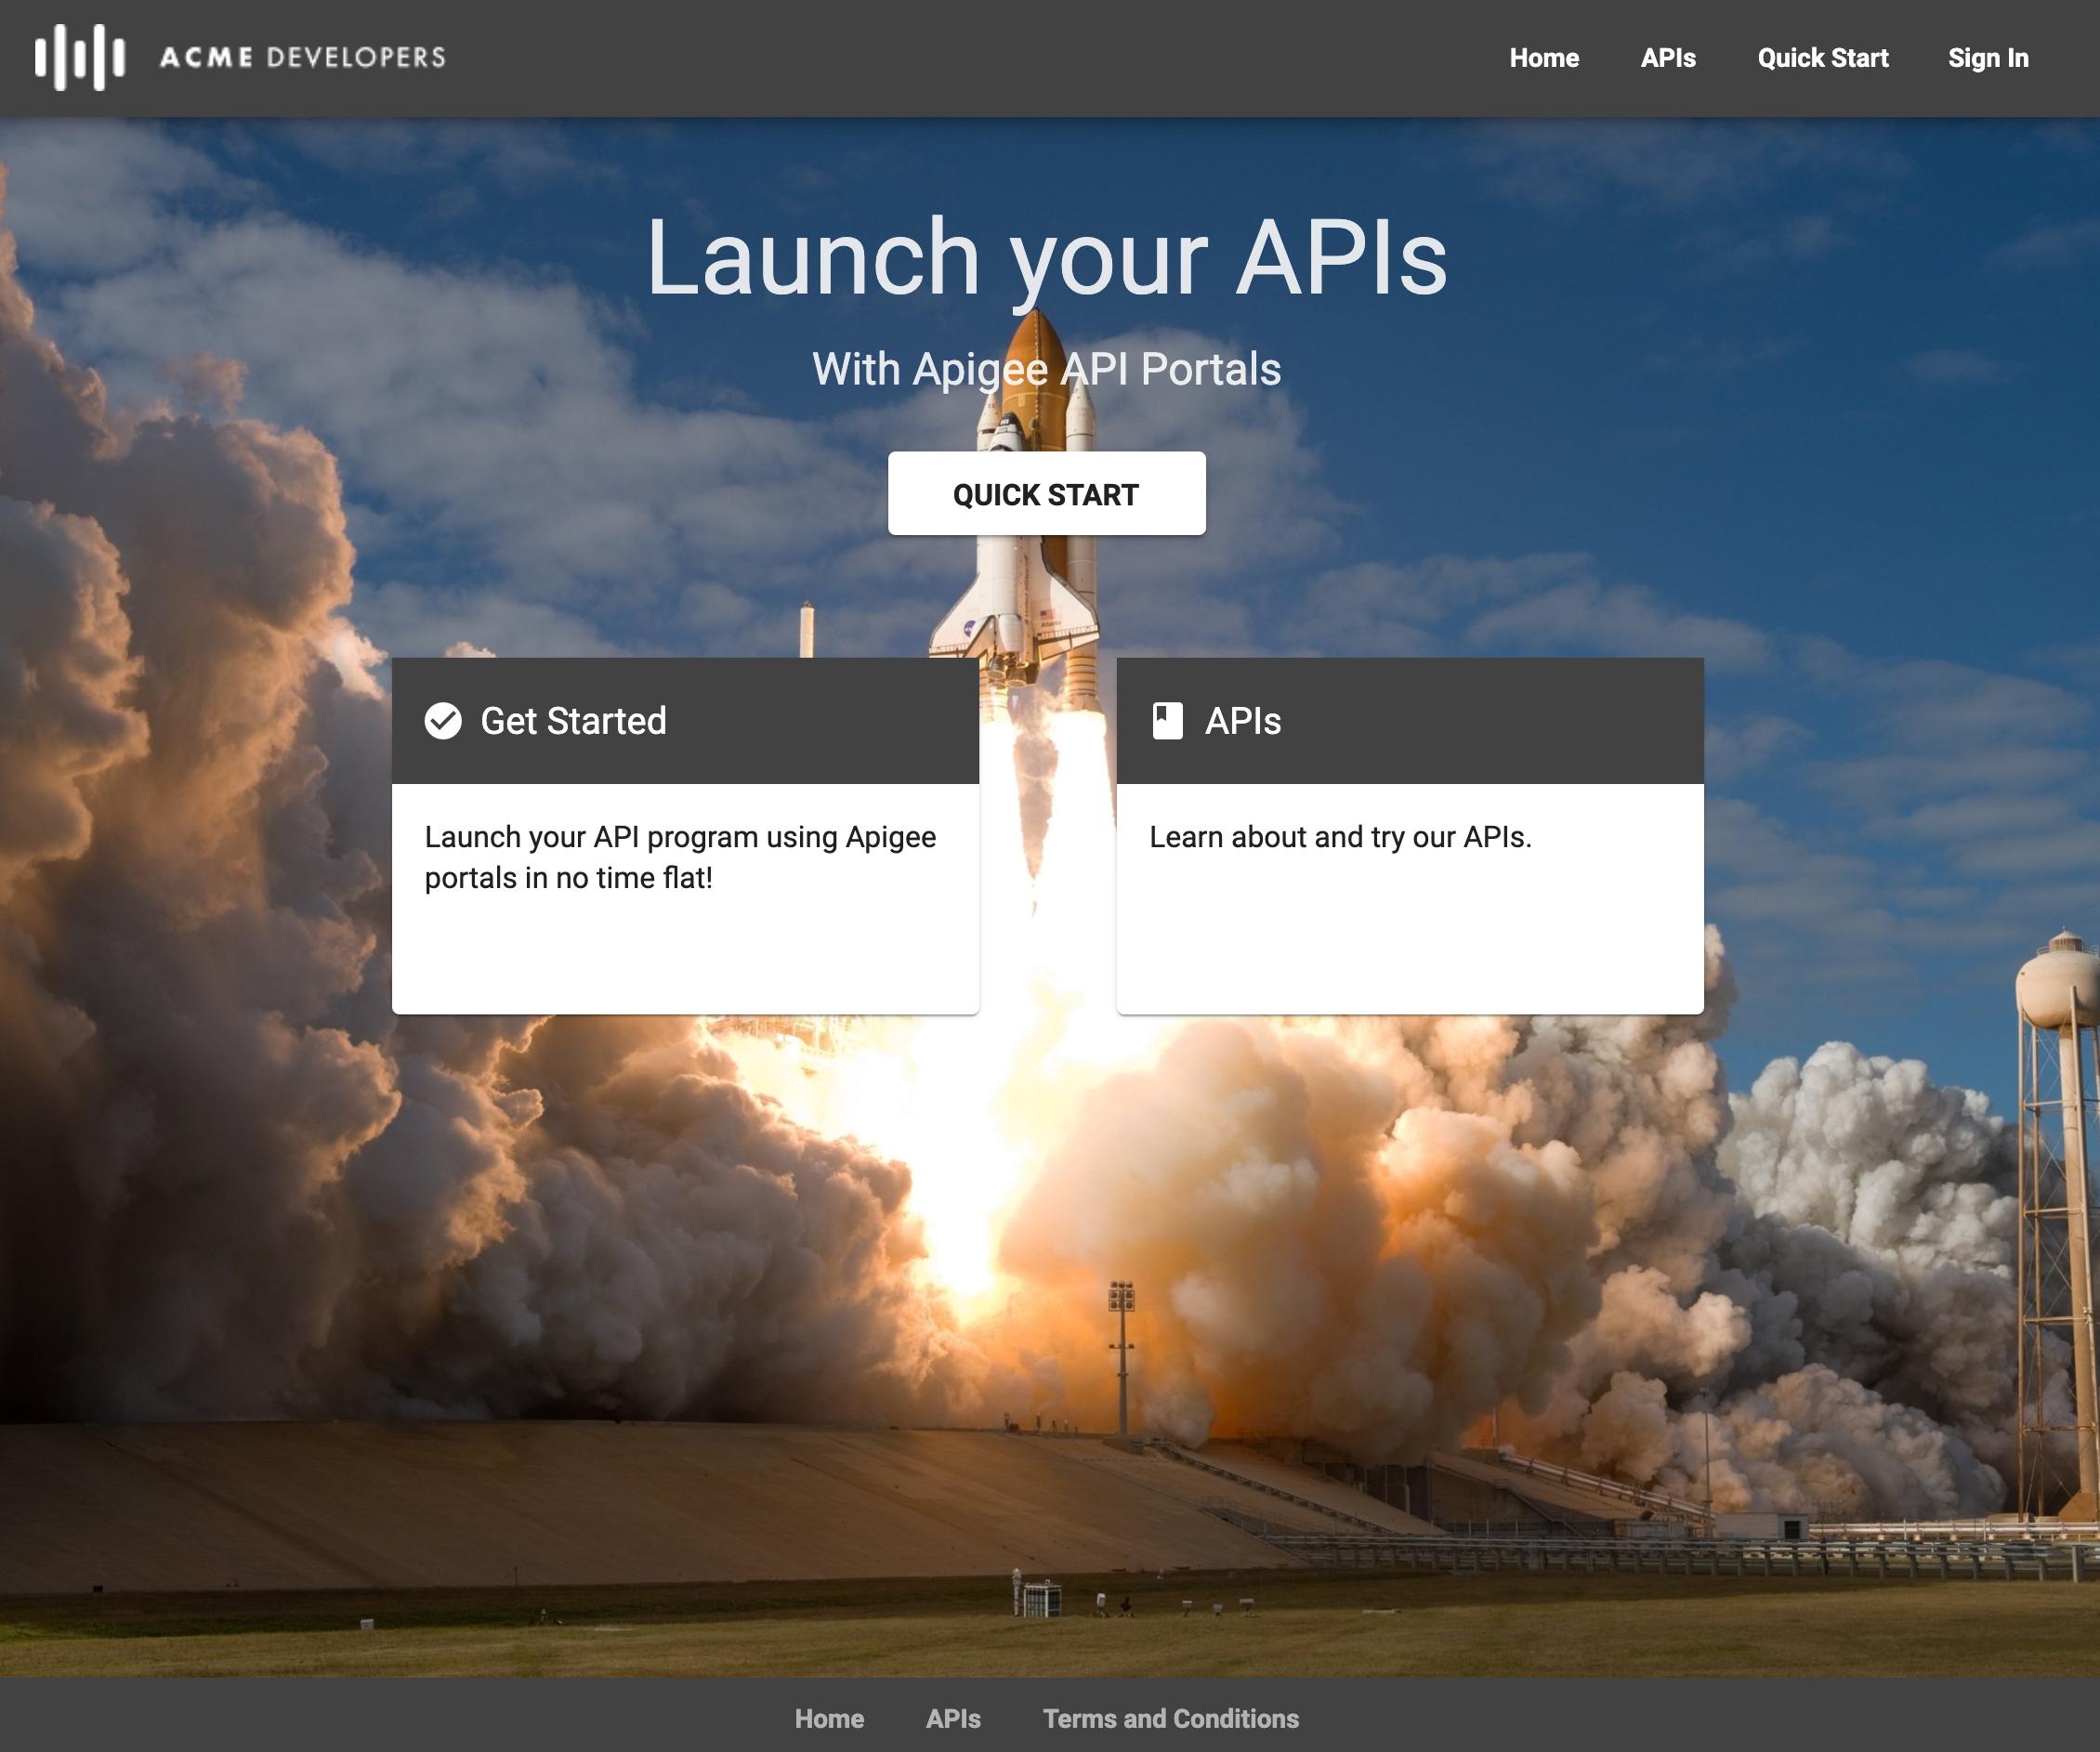 A página padrão do portal integrado, com links rotulados como Início rápido, primeiros passos e APIs.